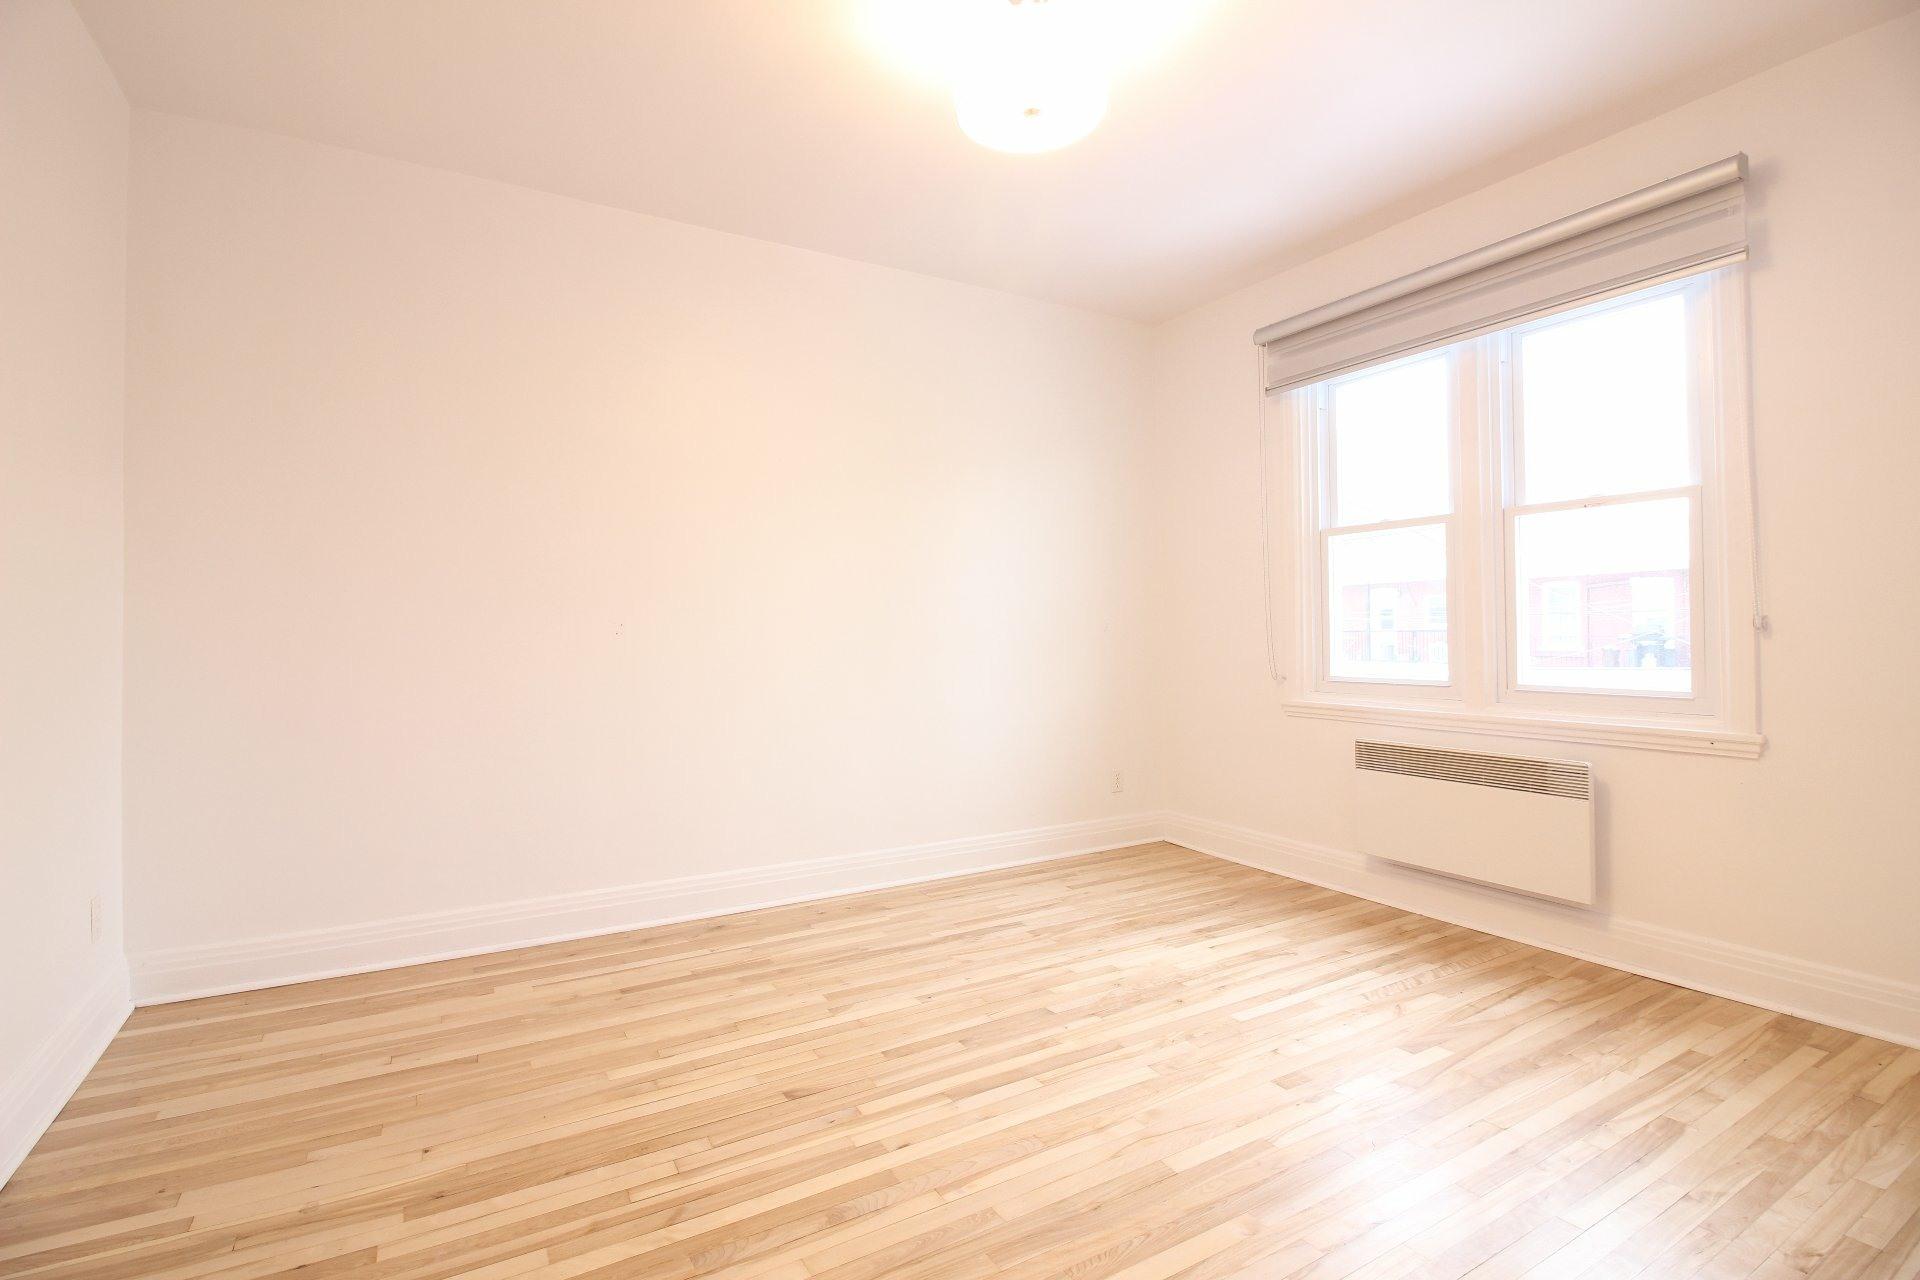 image 32 - Duplex À vendre Le Sud-Ouest Montréal  - 7 pièces